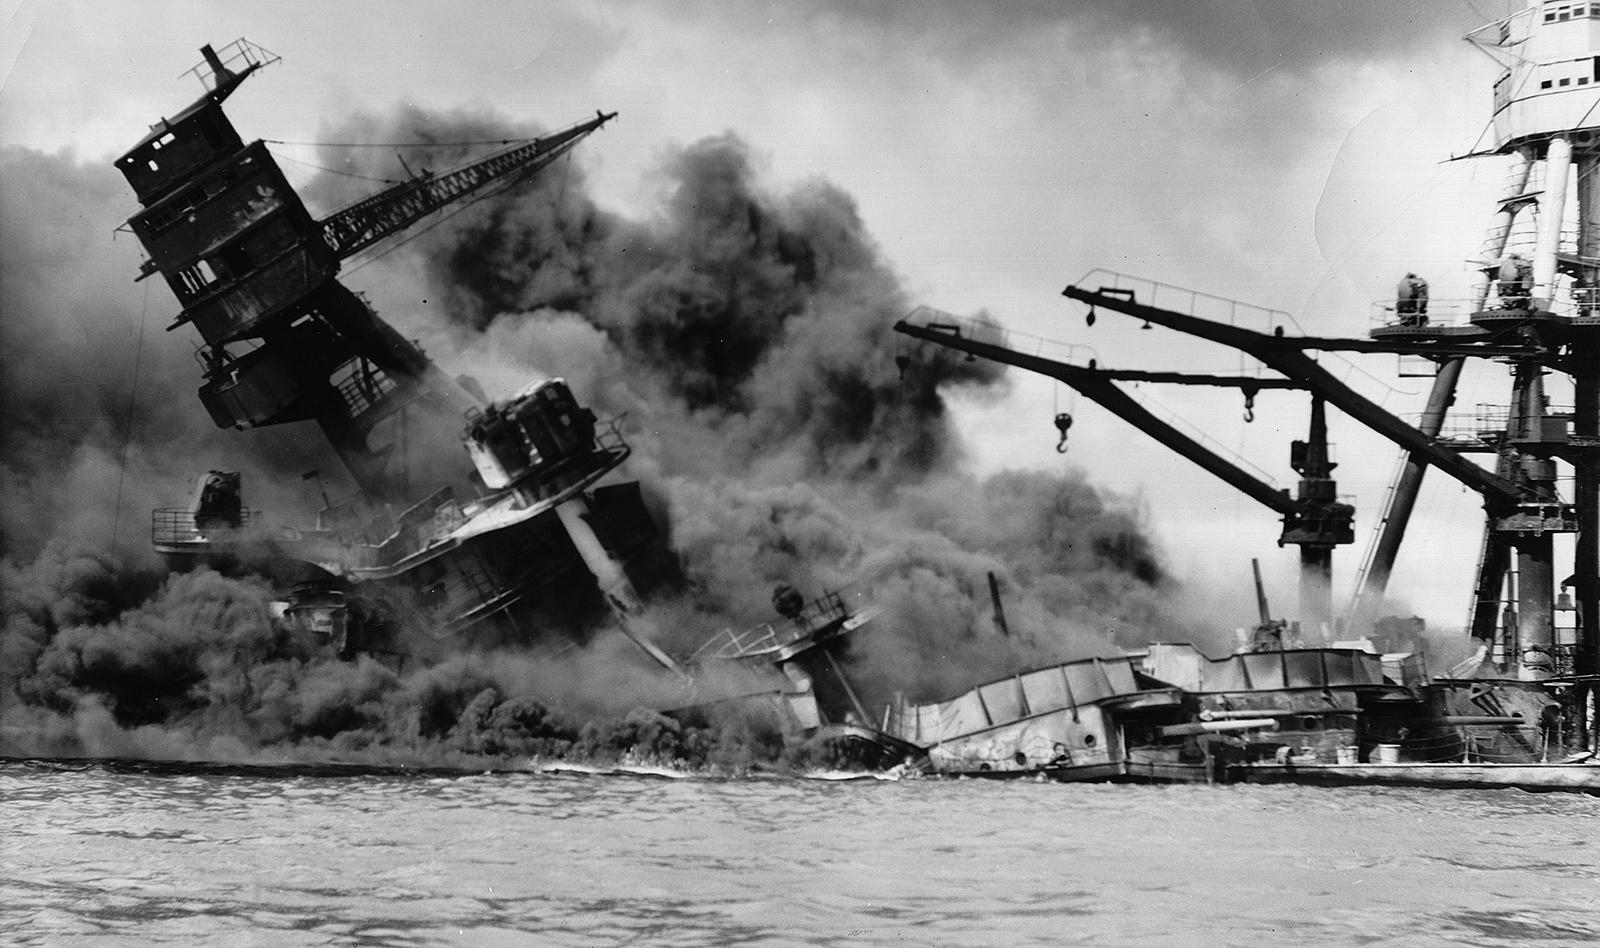 لماذا هاجمت اليابان بيرل هاربر؟ - بداية التوتر بين أمريكا واليابان بعد الحرب العالمية الأولى - هجوم بيرل هاربر خلال الحرب العالمية الثانية